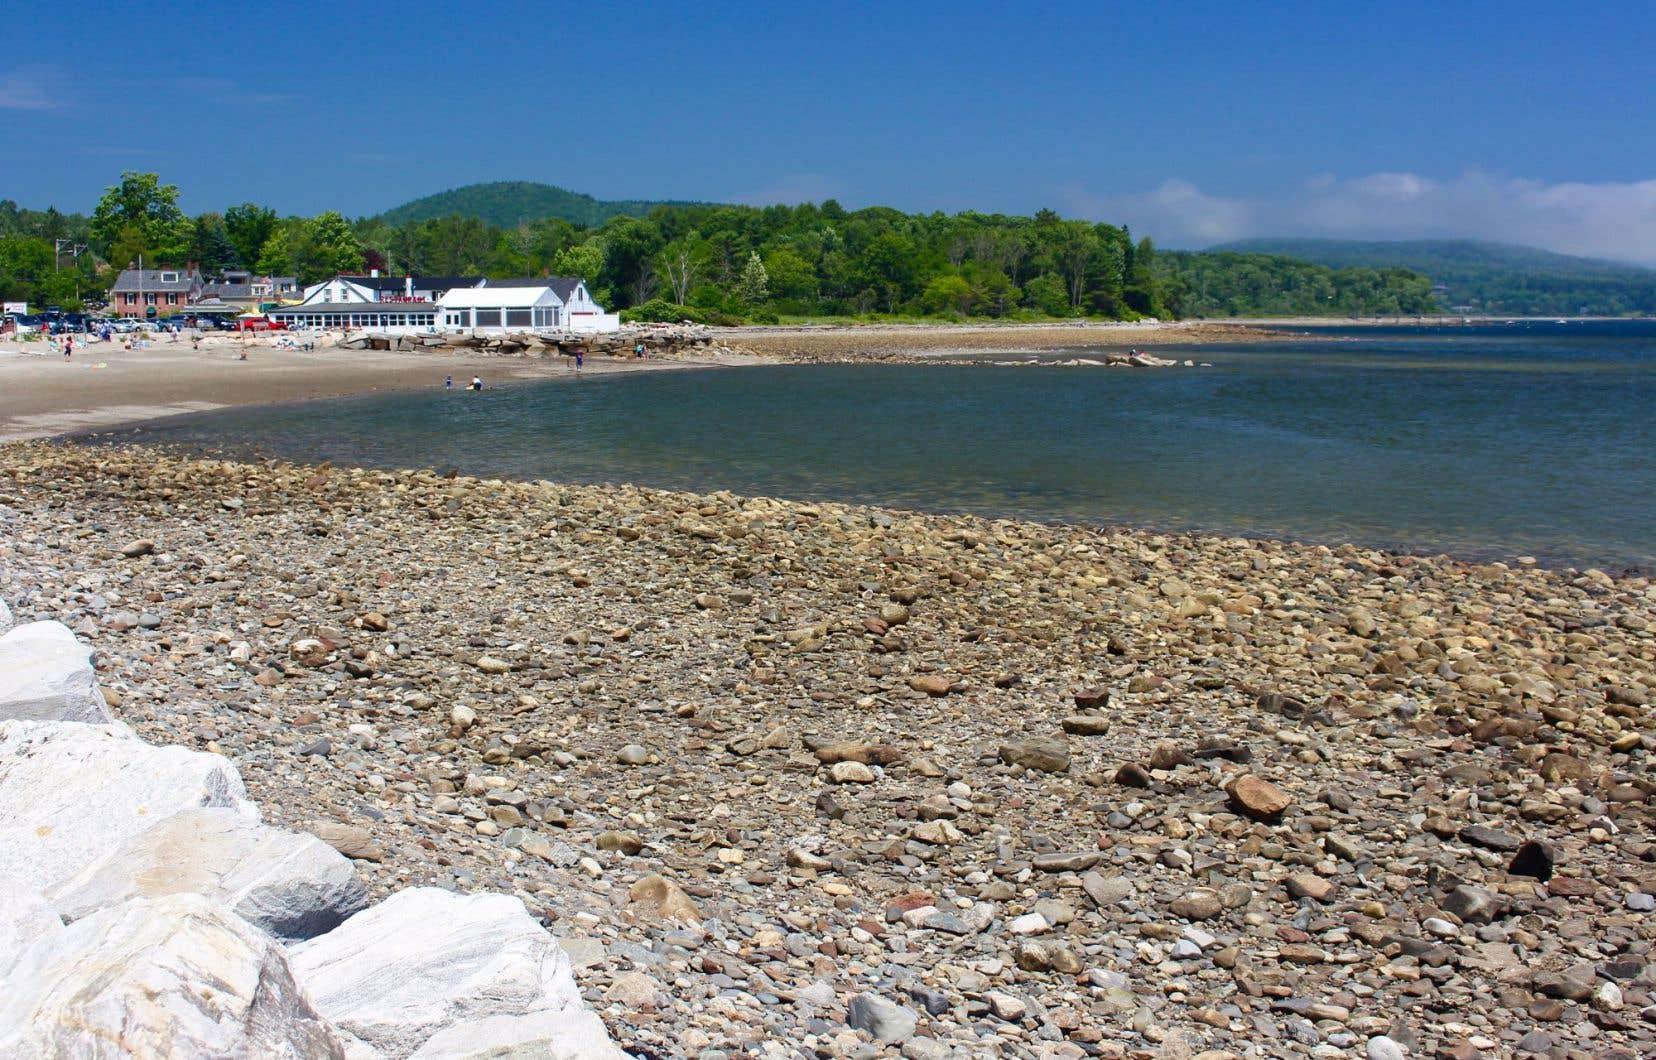 La plage de Lincolnville. Les rivages du centre du Maine sont la plupart du temps semés de galets.